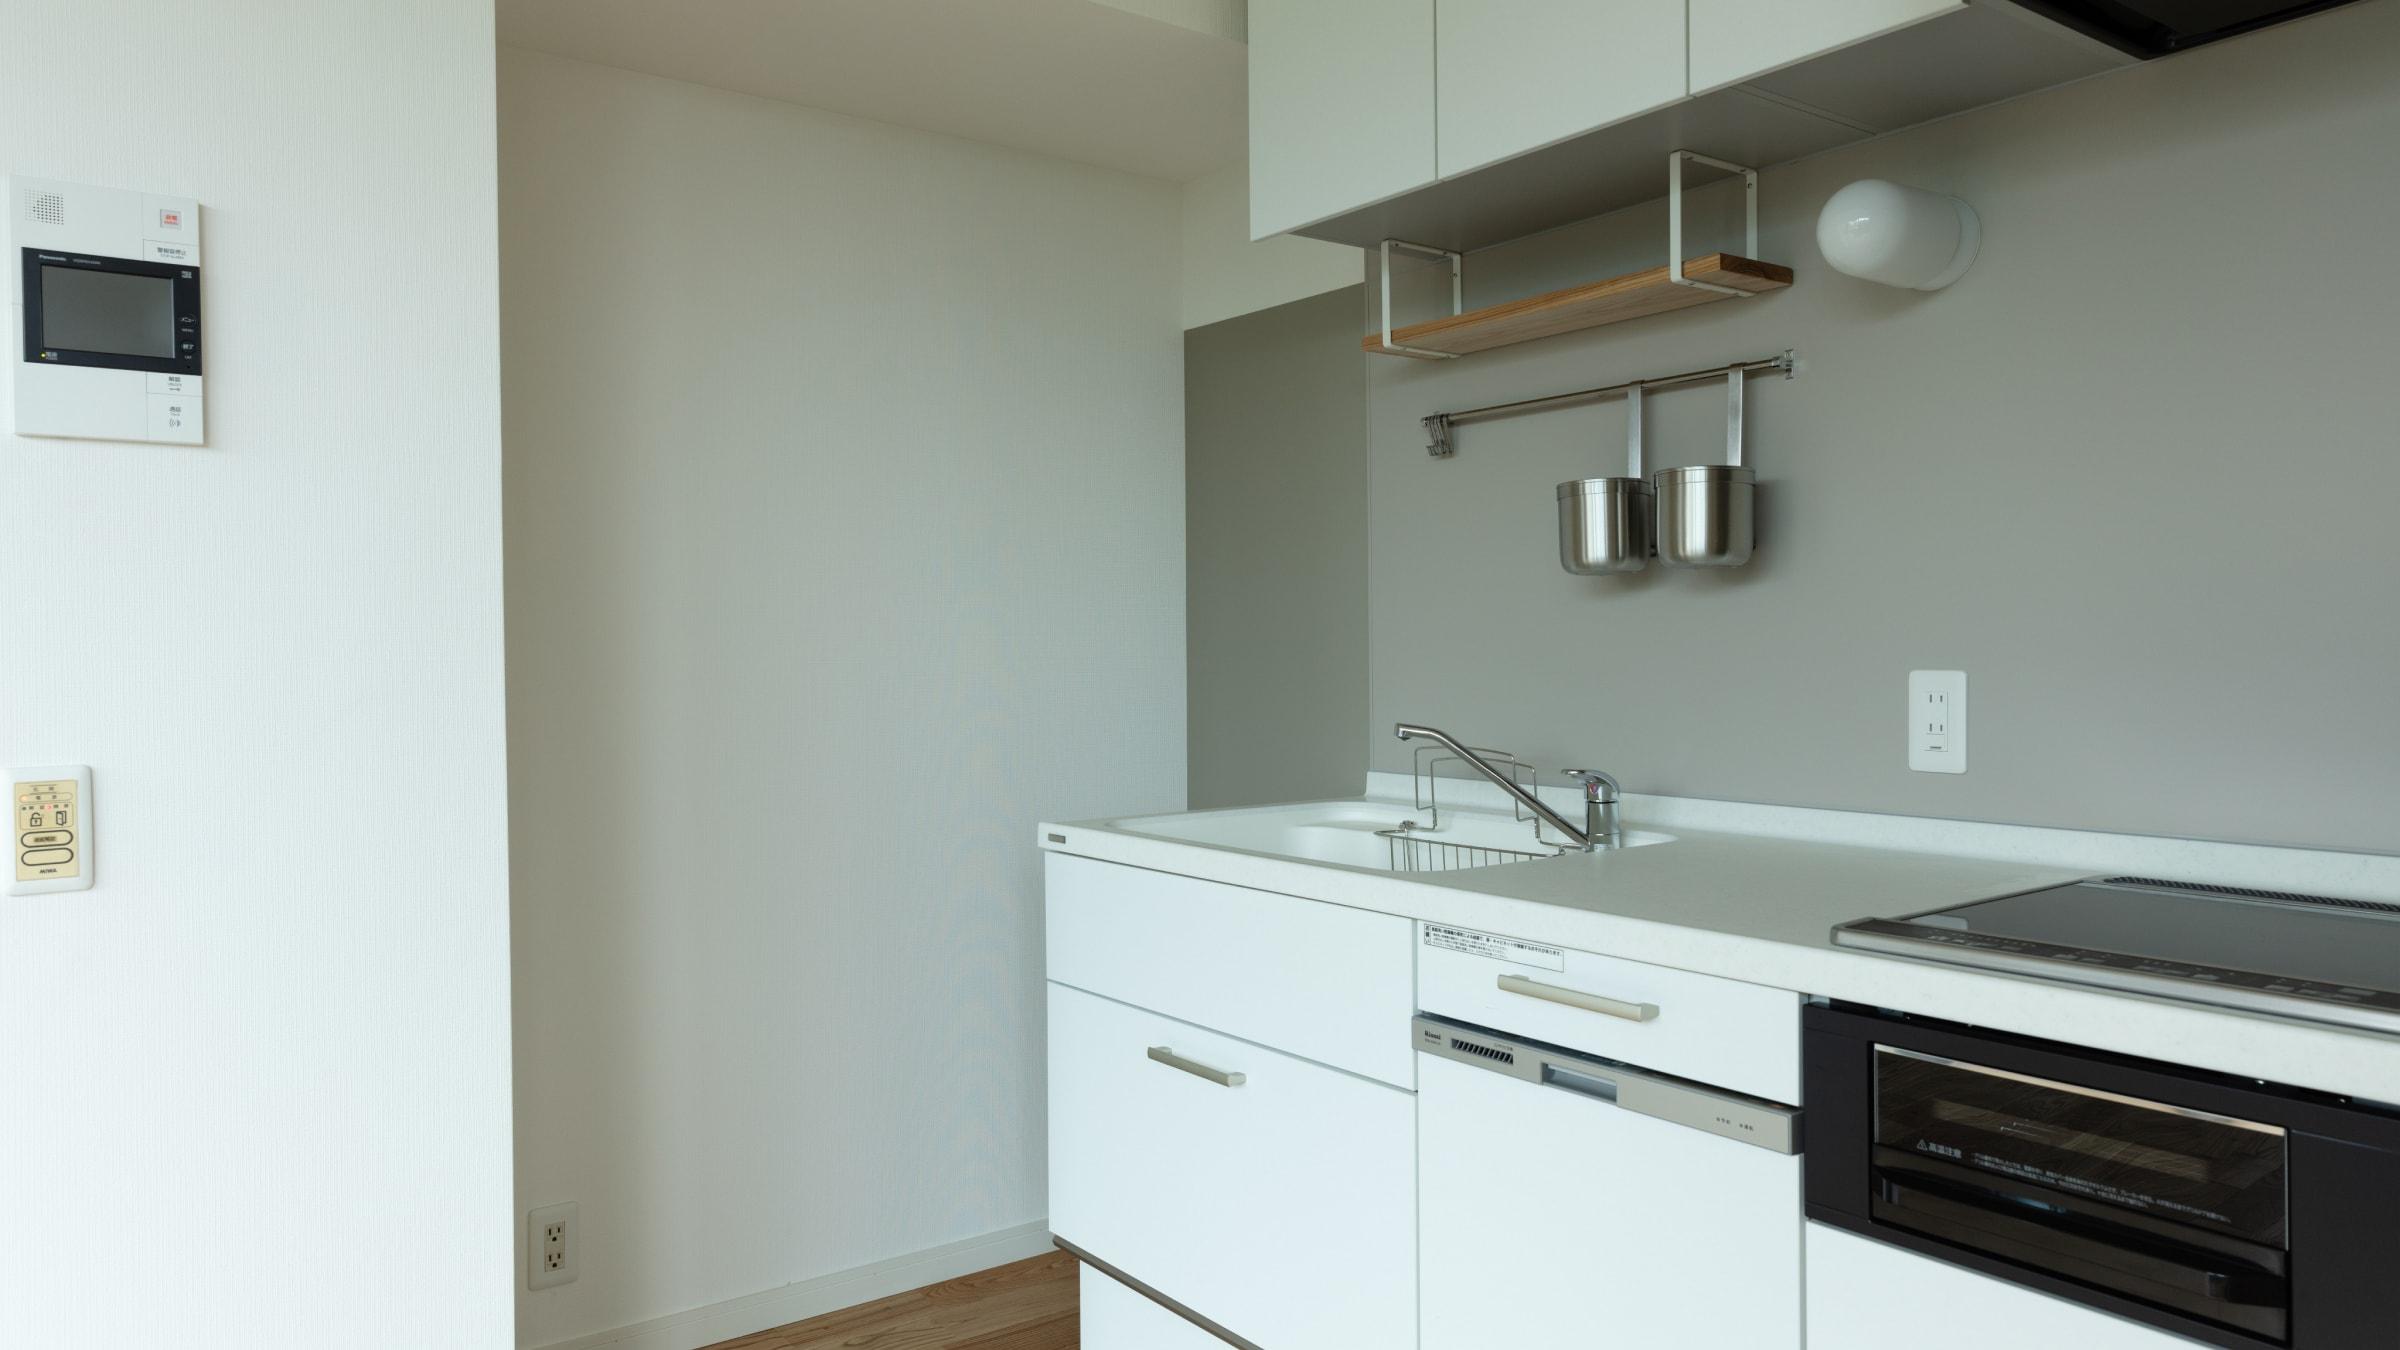 たのしいキッチン住宅施工物件事例1